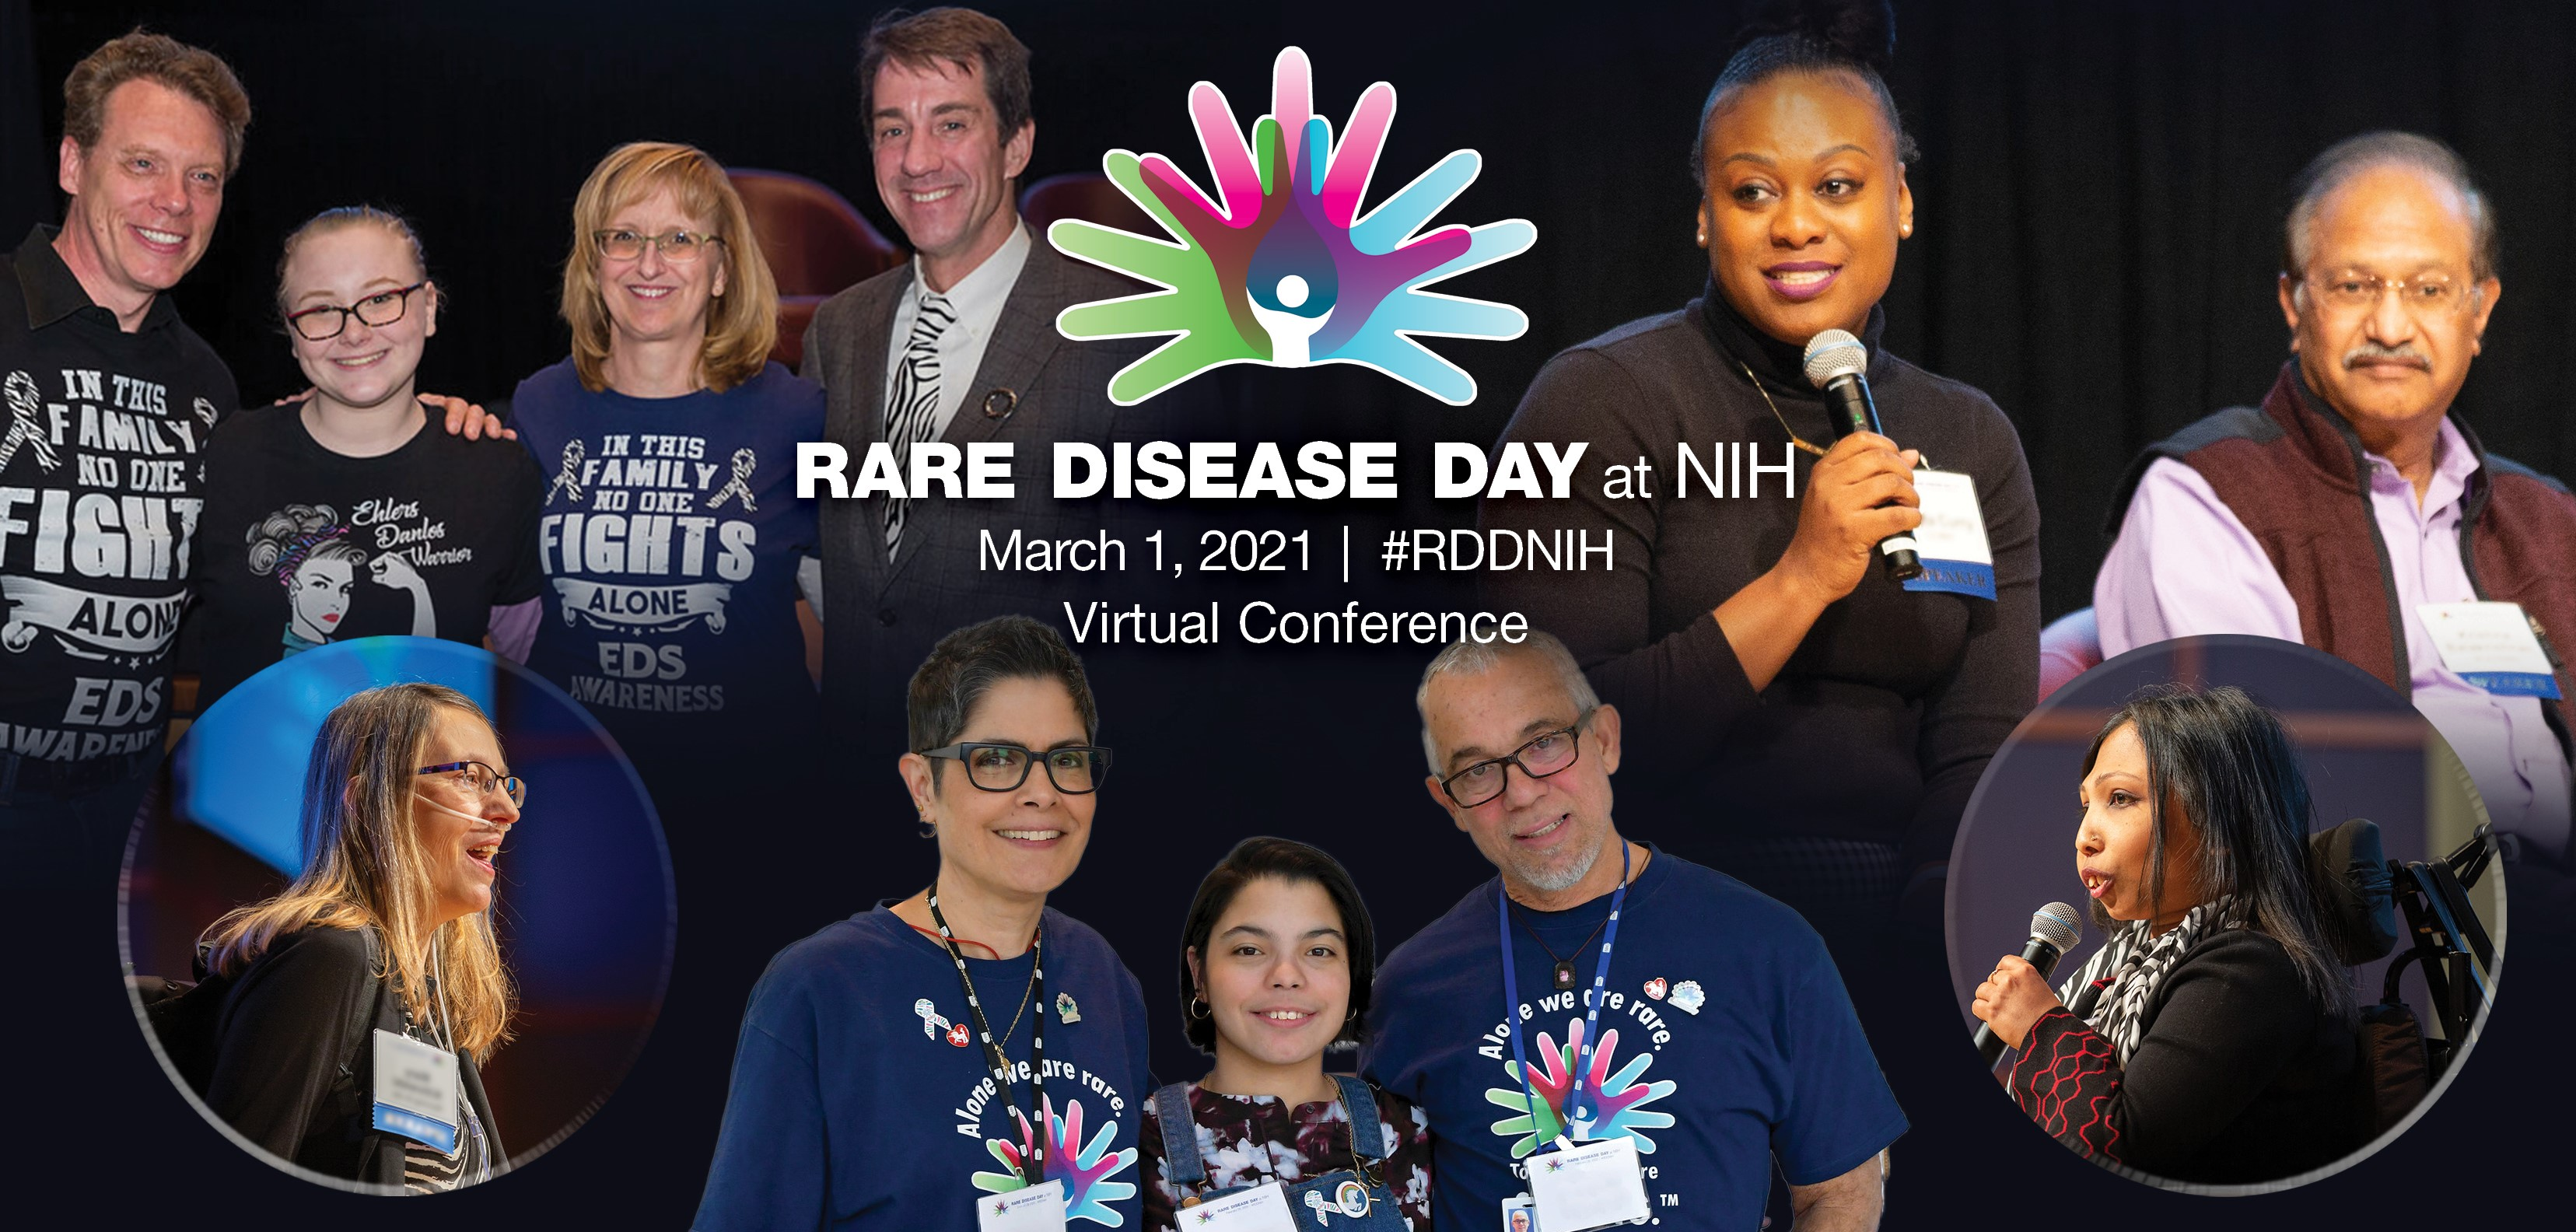 Rare Disease Day at NIH 2021